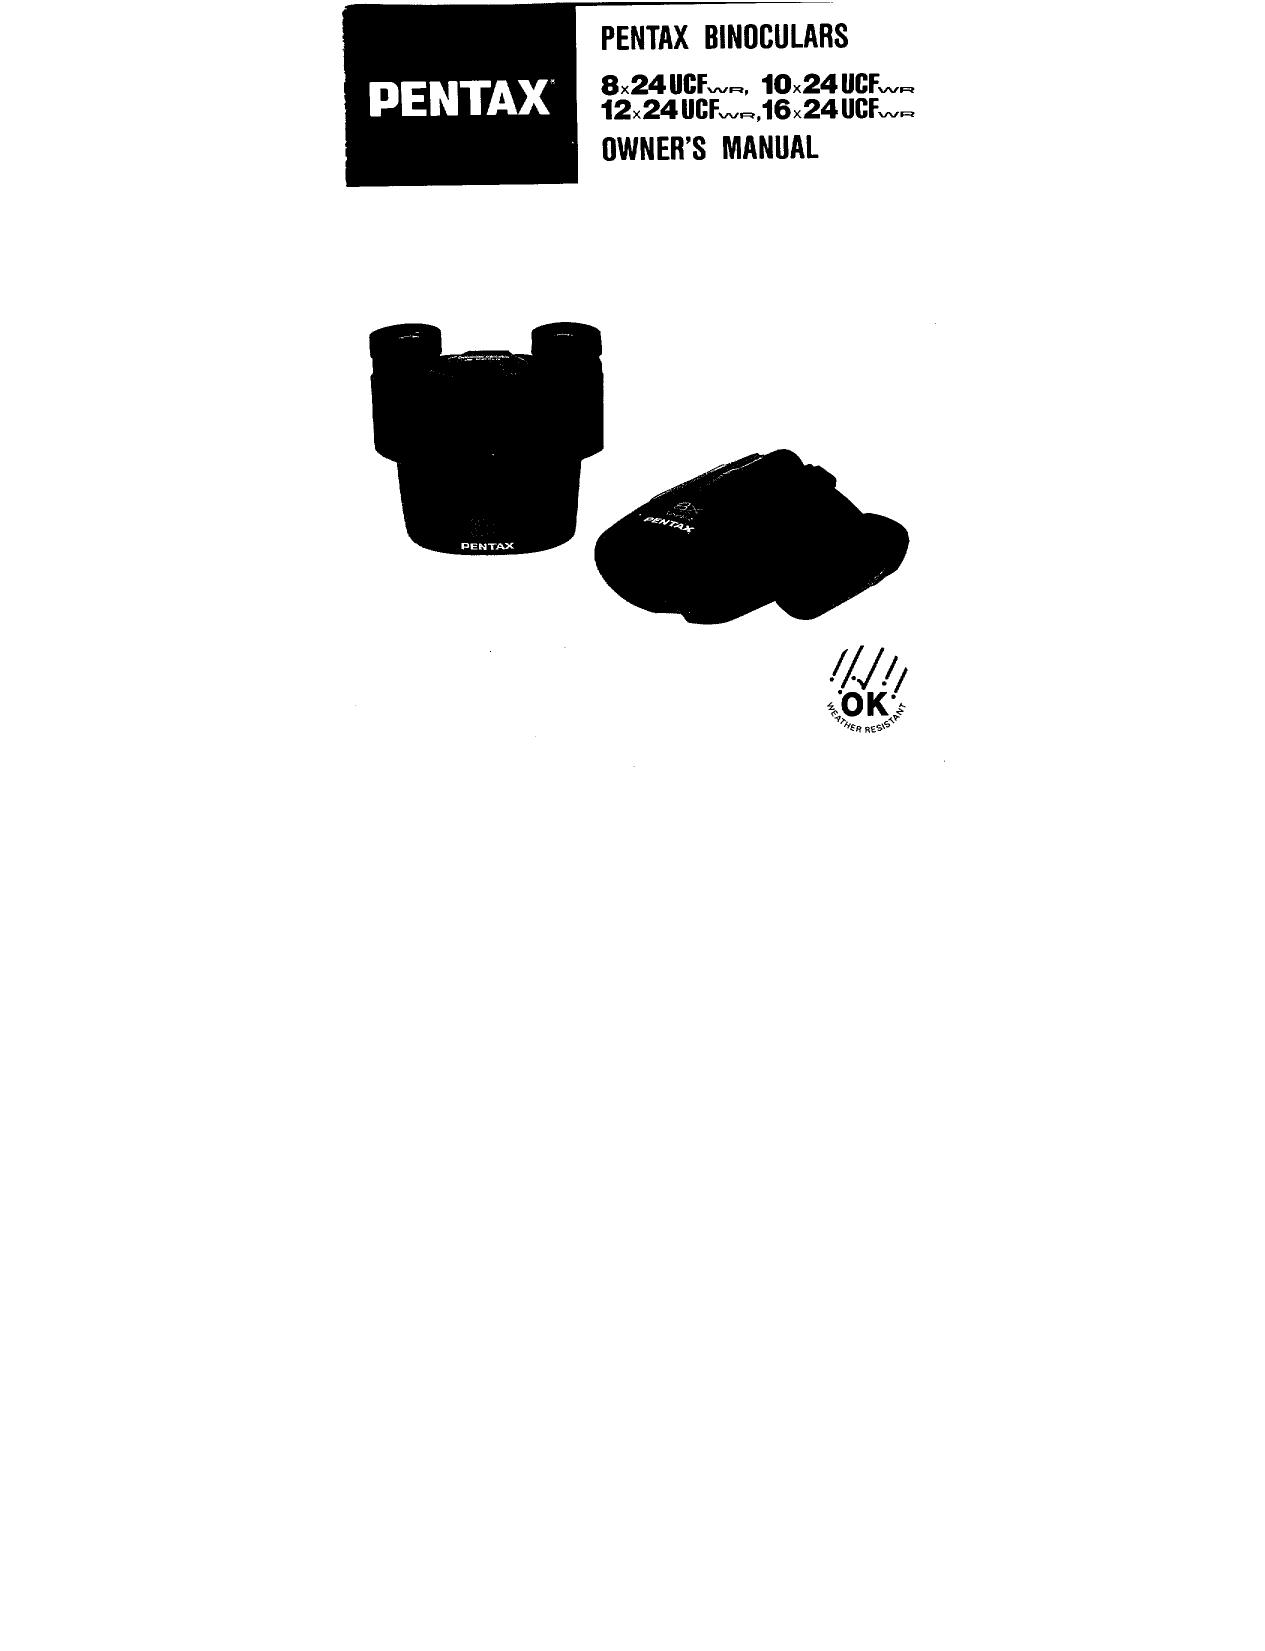 download free pdf for pentax ucf 10x24 binocular manual rh umlib com Pentax Apparel Pentax 20X60